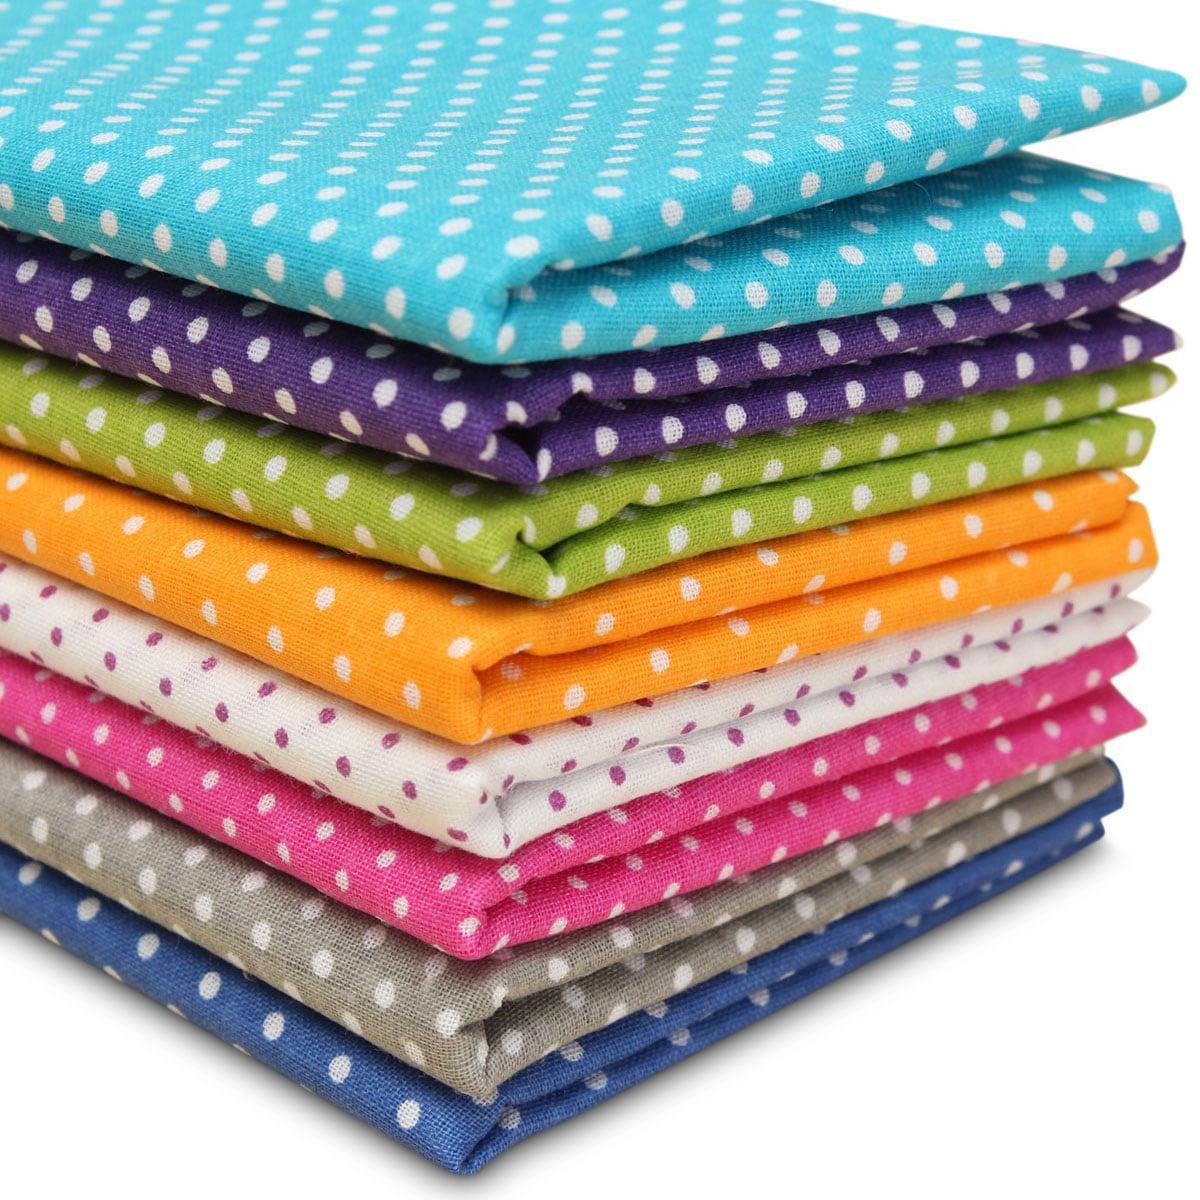 Misscrafts 7pcs 50 x 50cm Cotton Blending Textile Craft Fabric Bundle Fat Quarter Patchwork Pre-Cut Quilt Squares for DIY Sewing Scrapbooking Dot Floral Pattern Quilting Fabric Navy Blue